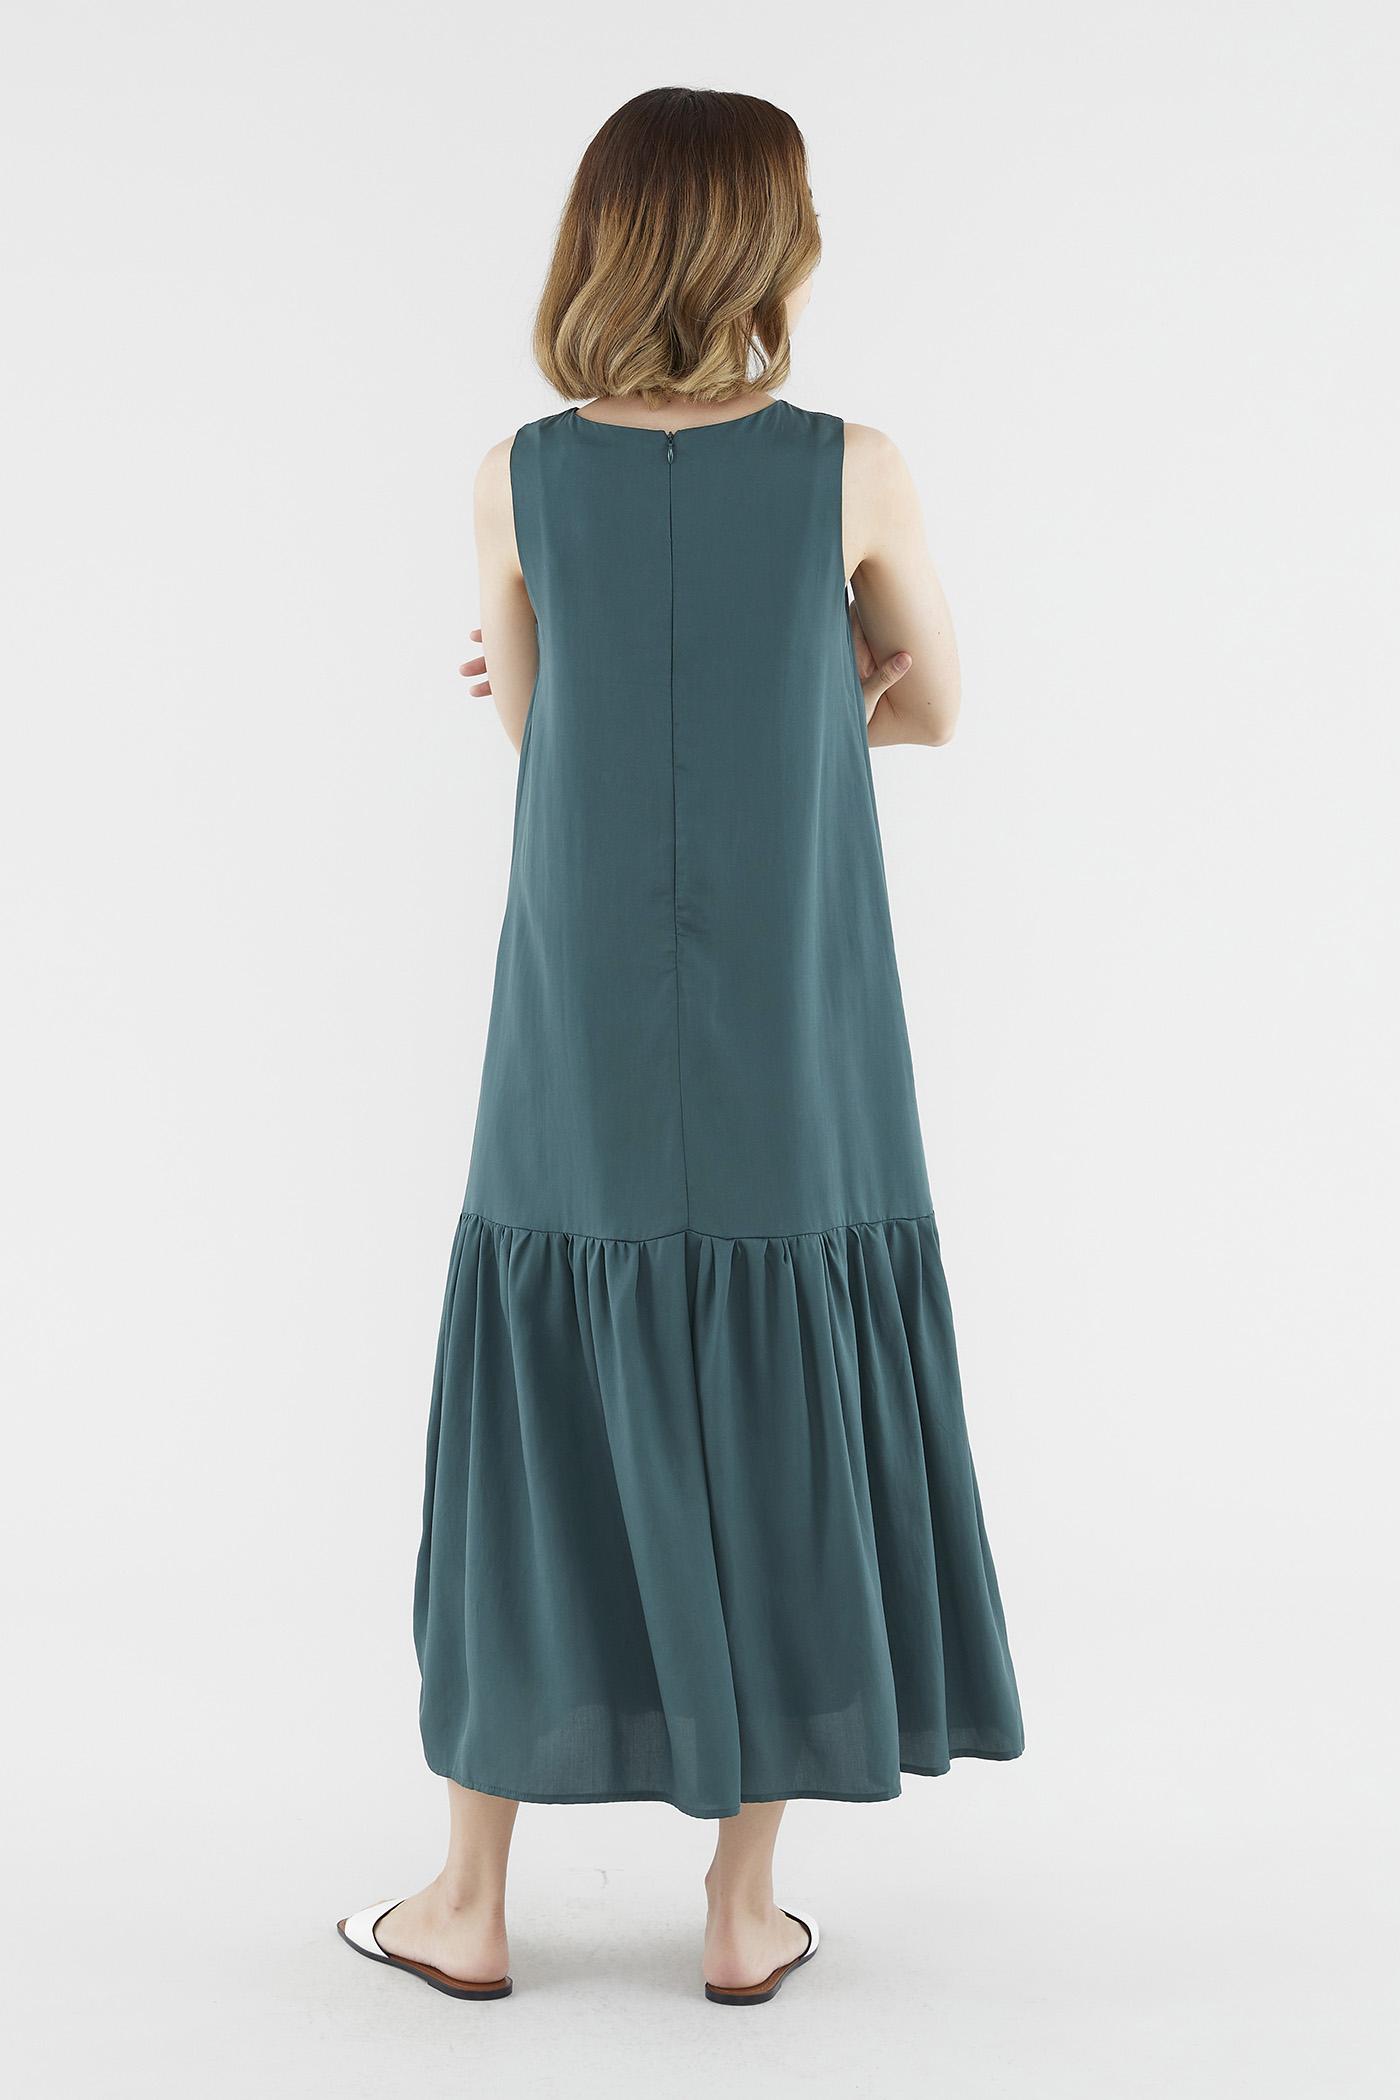 Norvell Wave-hem Dress